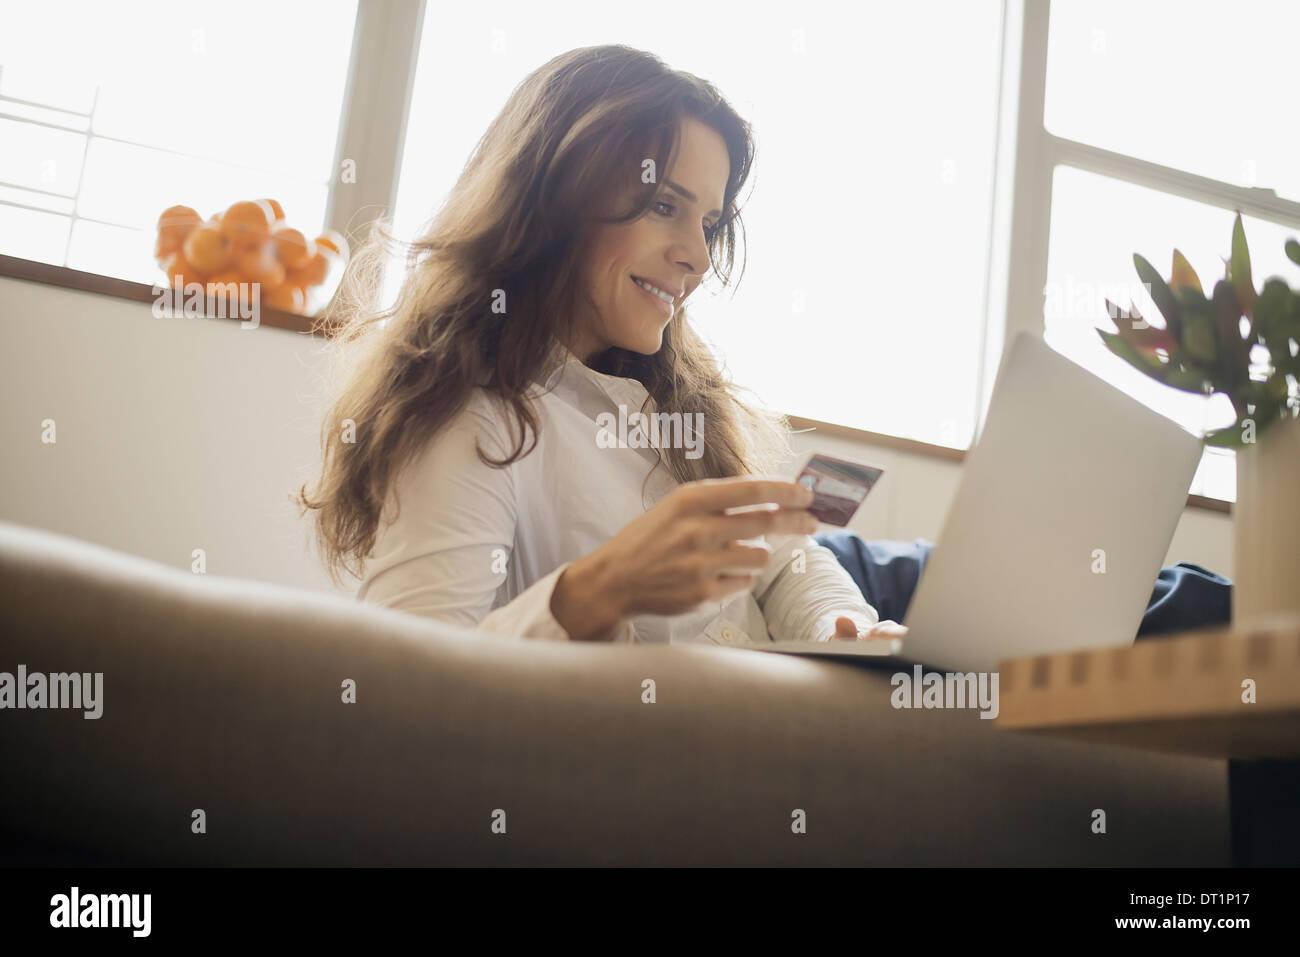 Mujer de compras on-line en el portátil en el sofá con tarjeta de crédito Imagen De Stock